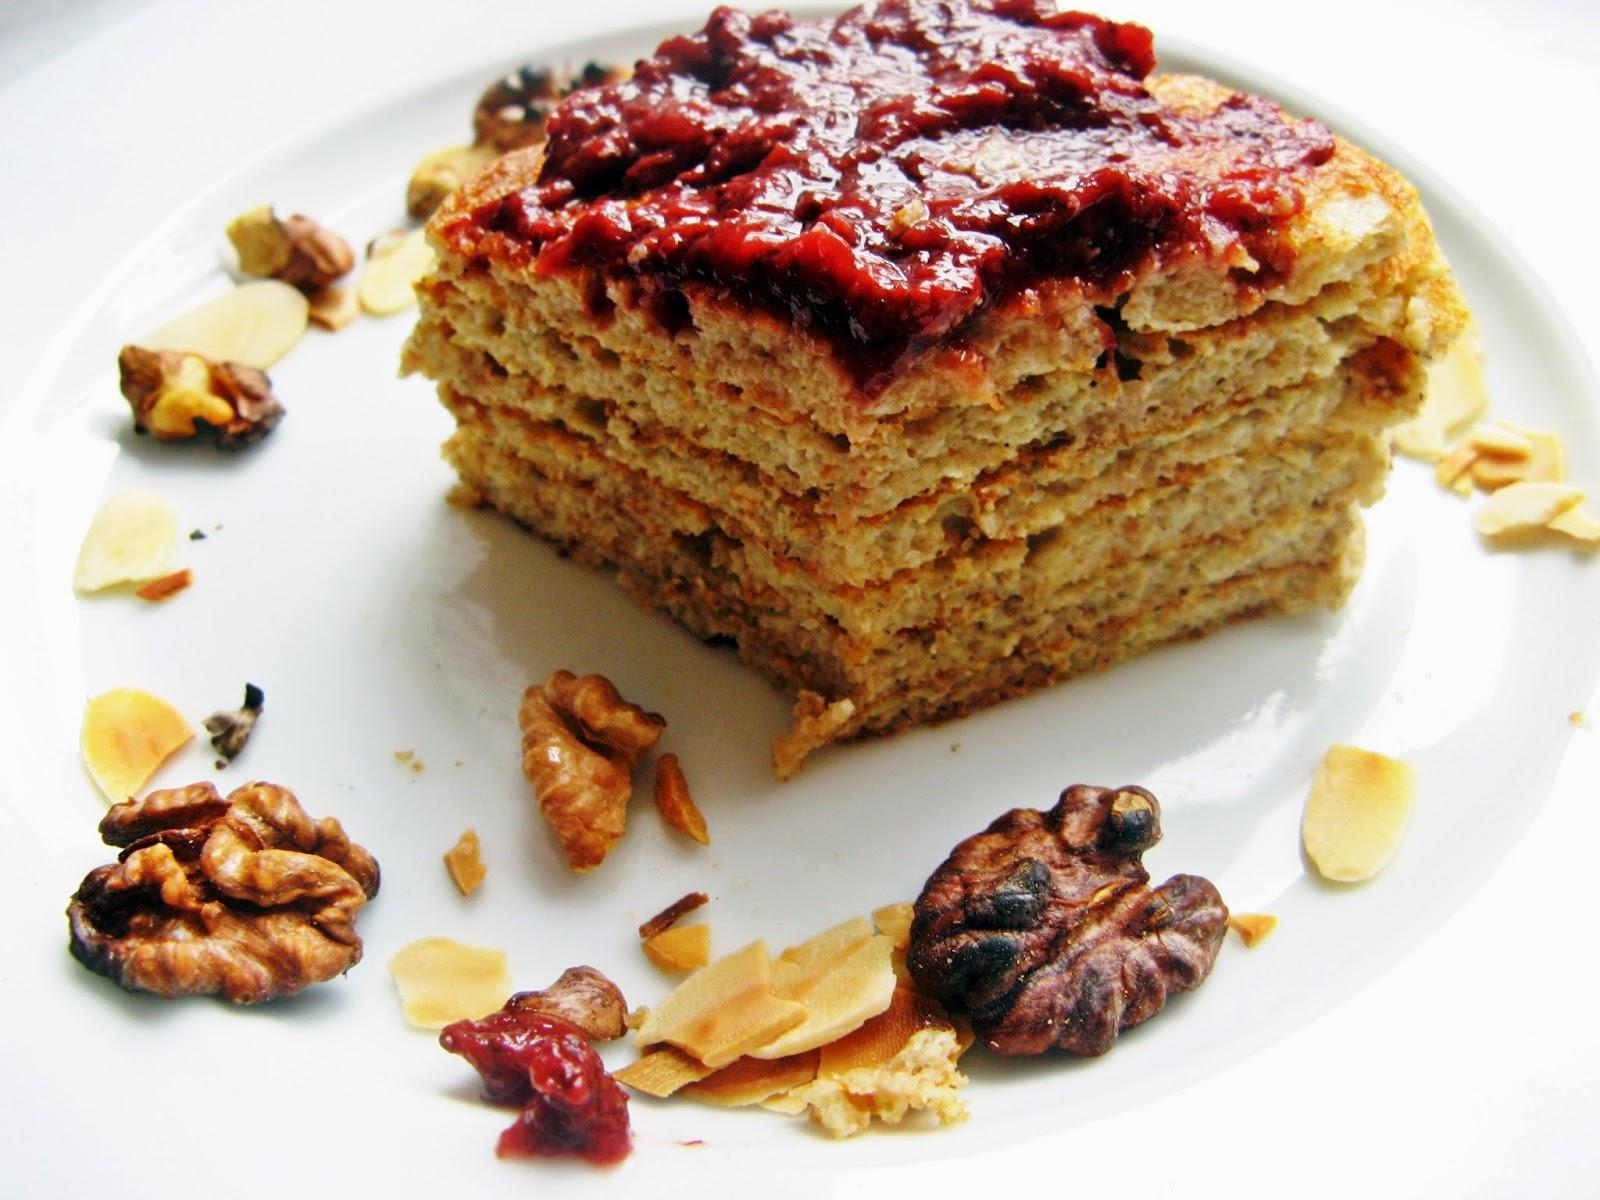 IMG 0130 - Pełnoziarniste placki drożdżowe z dżemem truskawkowym bez cukru i prażonymi orzechami